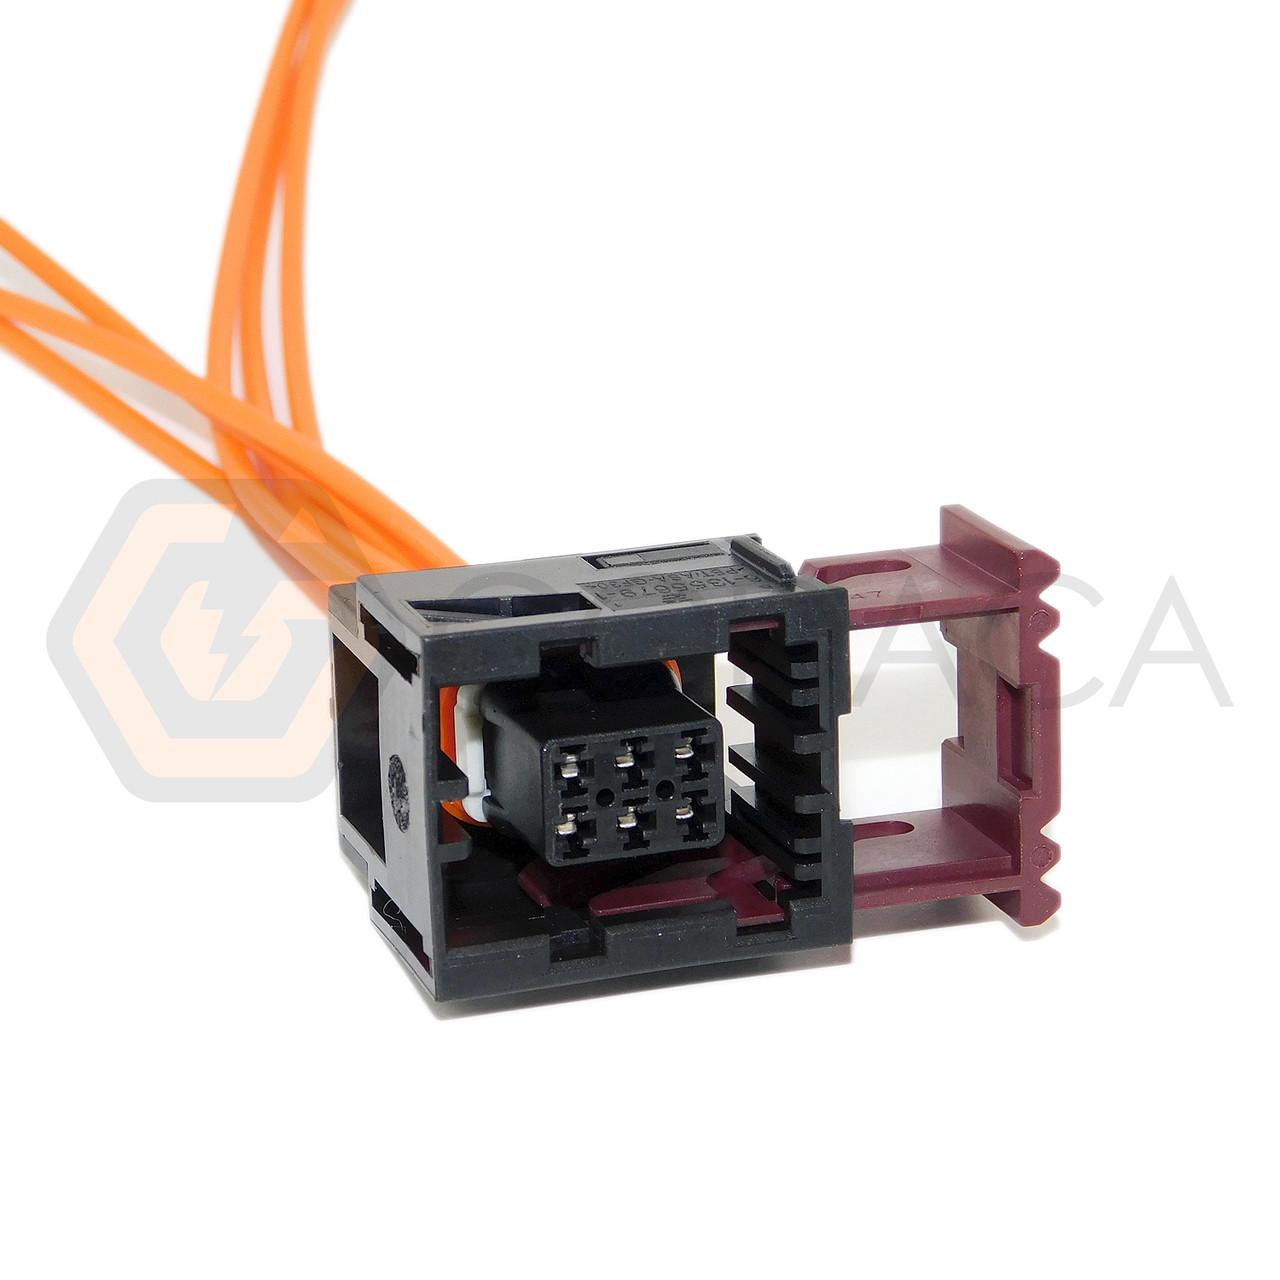 1x connector 6 way 6 pin for gm door lock actuator 88986251 godaca llc  [ 1280 x 1280 Pixel ]